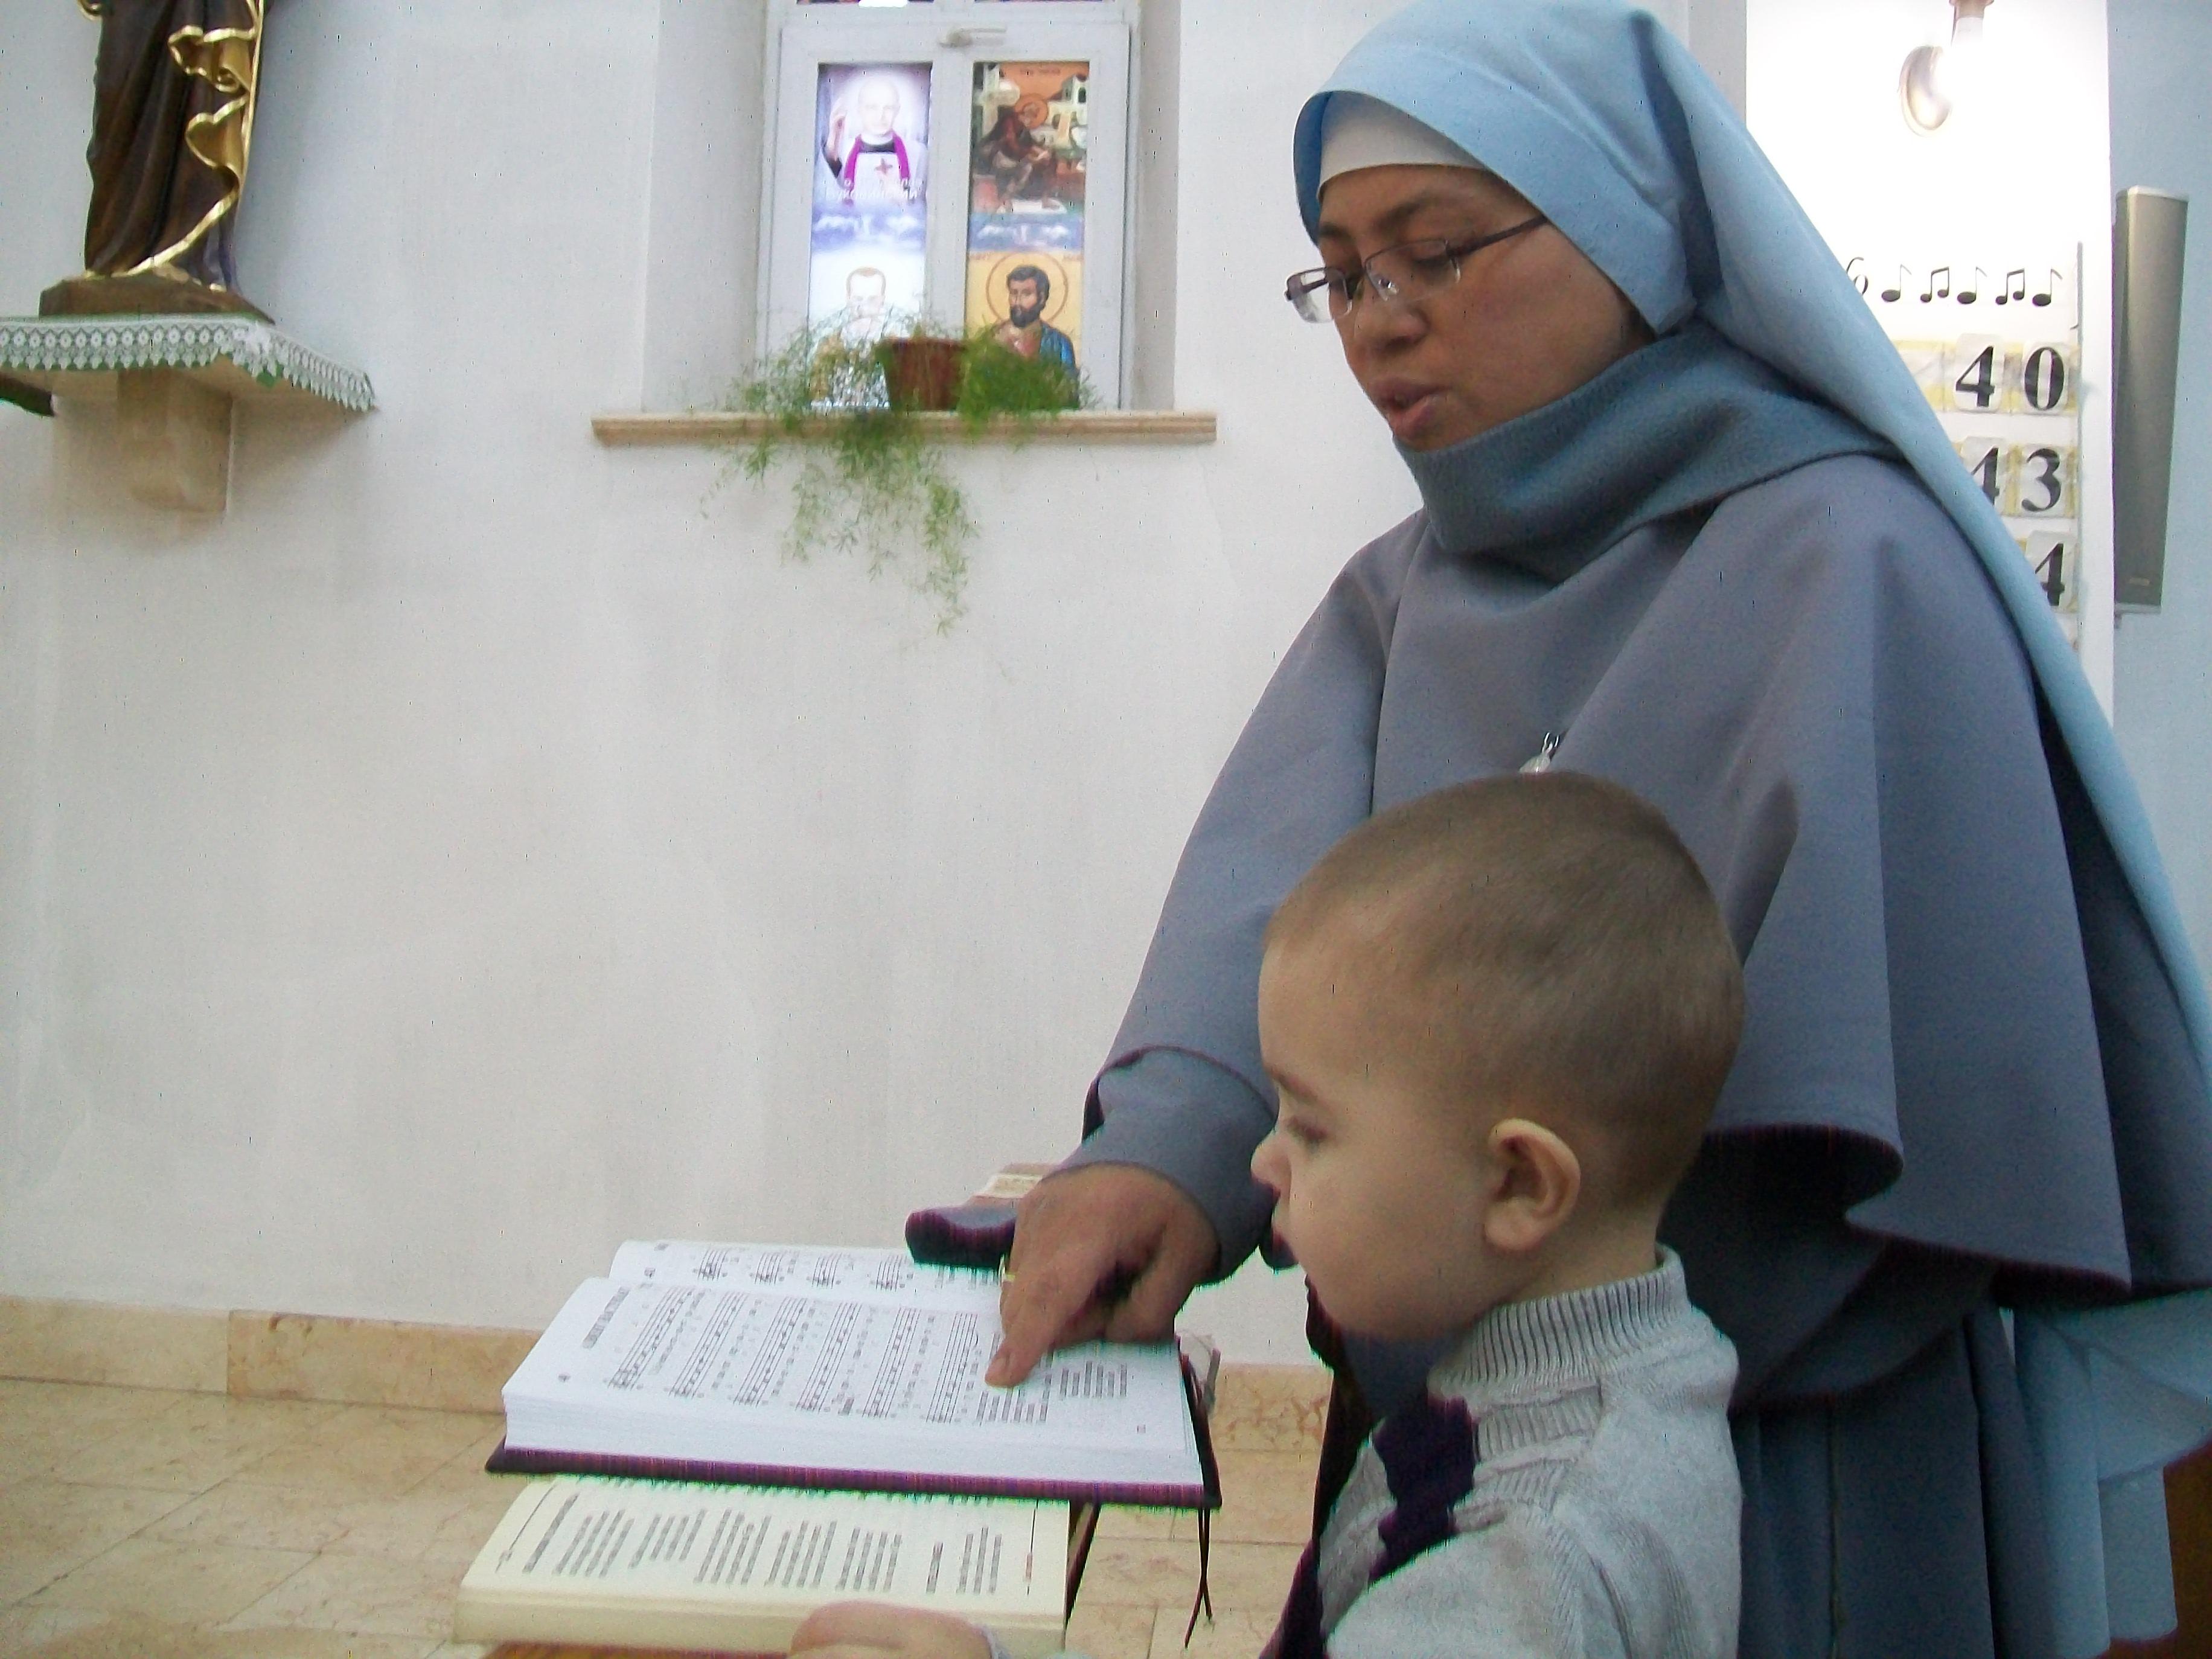 Kazajistán: Apoyo a la labor de las religiosas en Atbassar